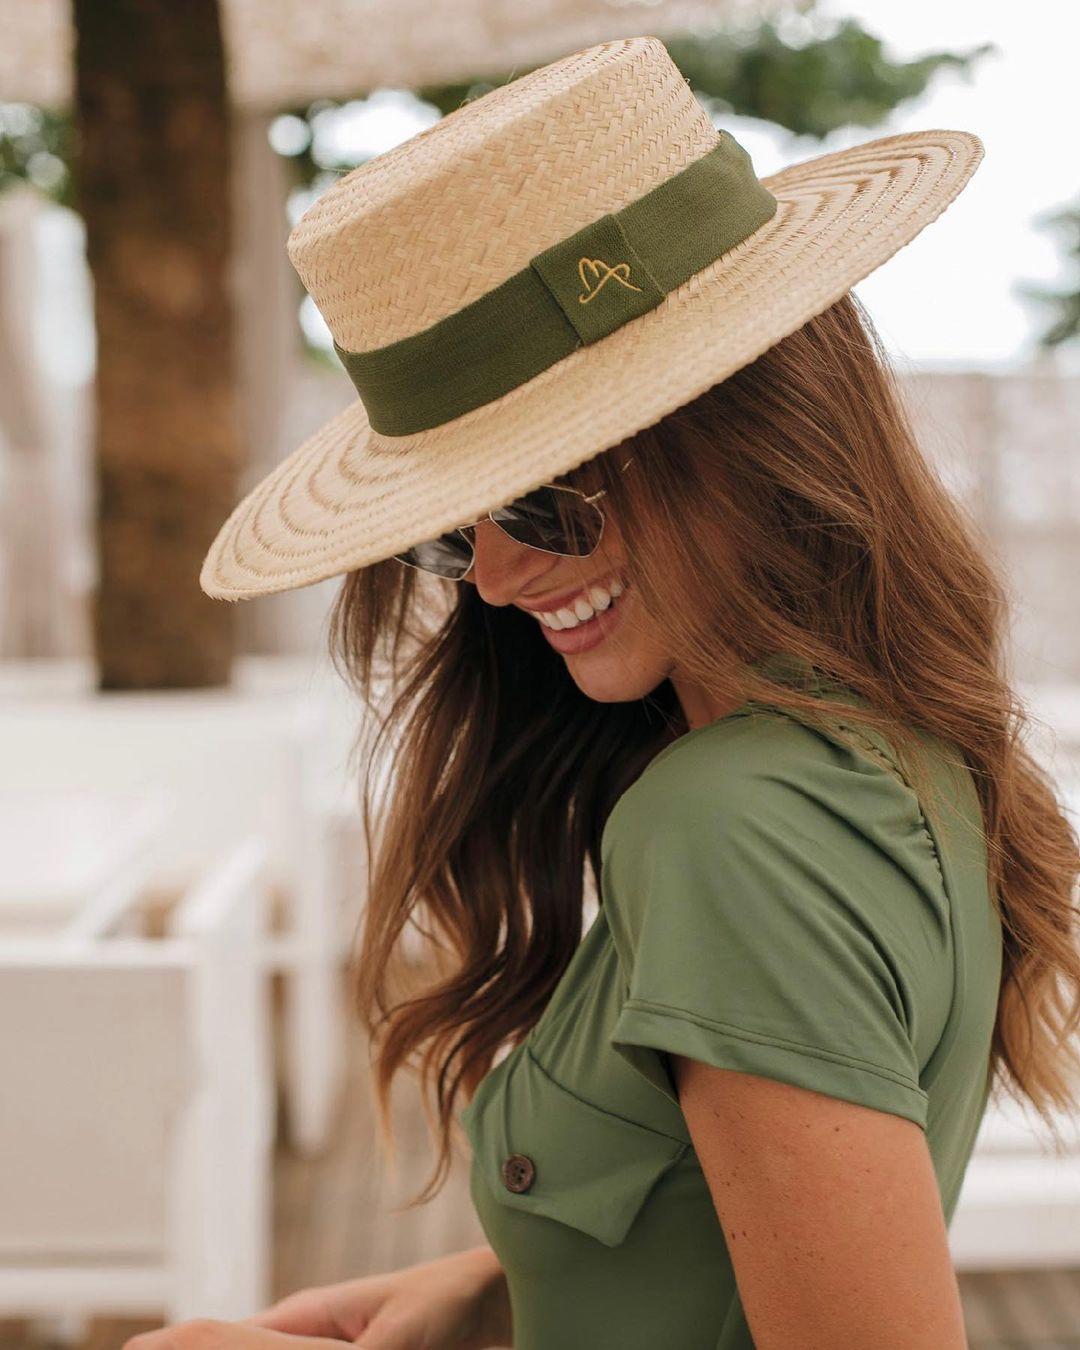 Imagem mostra mulher de chapéu - como escolher o chapéu de acordo com o seu cabelo